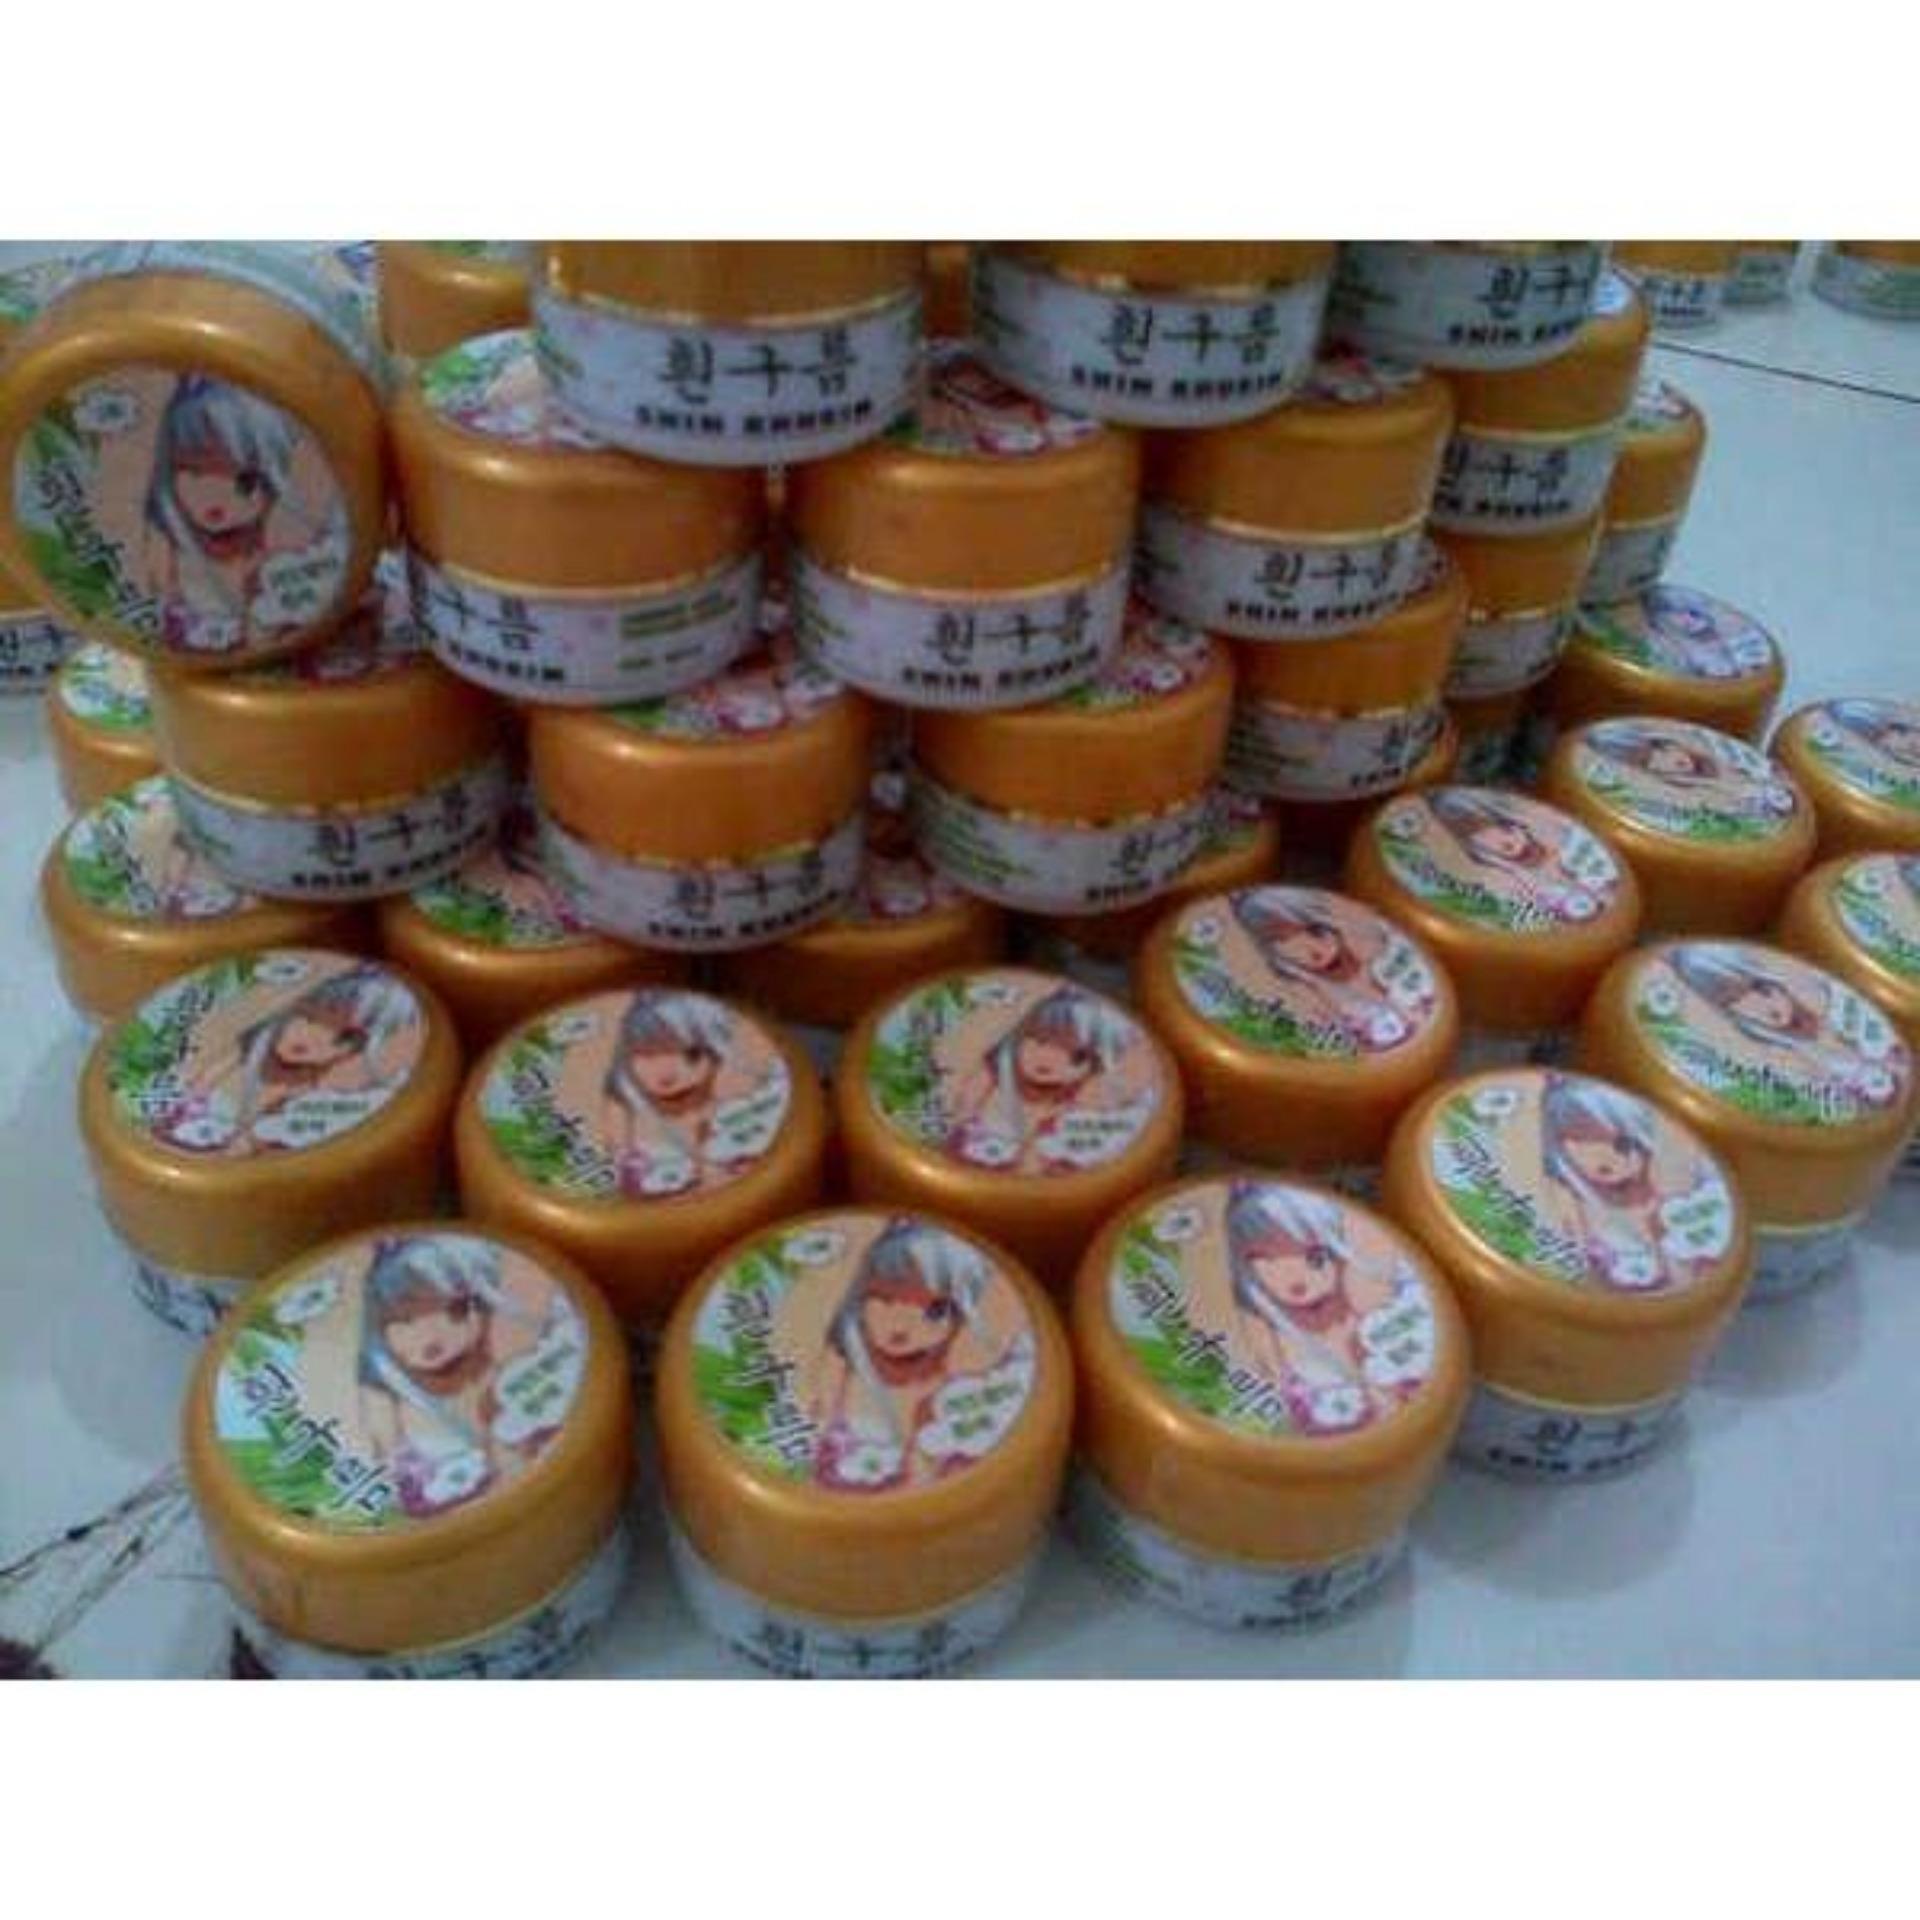 Shinkurim Pemutih Ketiak Dan Selangkangan Shin Khurim Kurim Original Korea Shinkhurim For Armpit Buy 1 Get Free